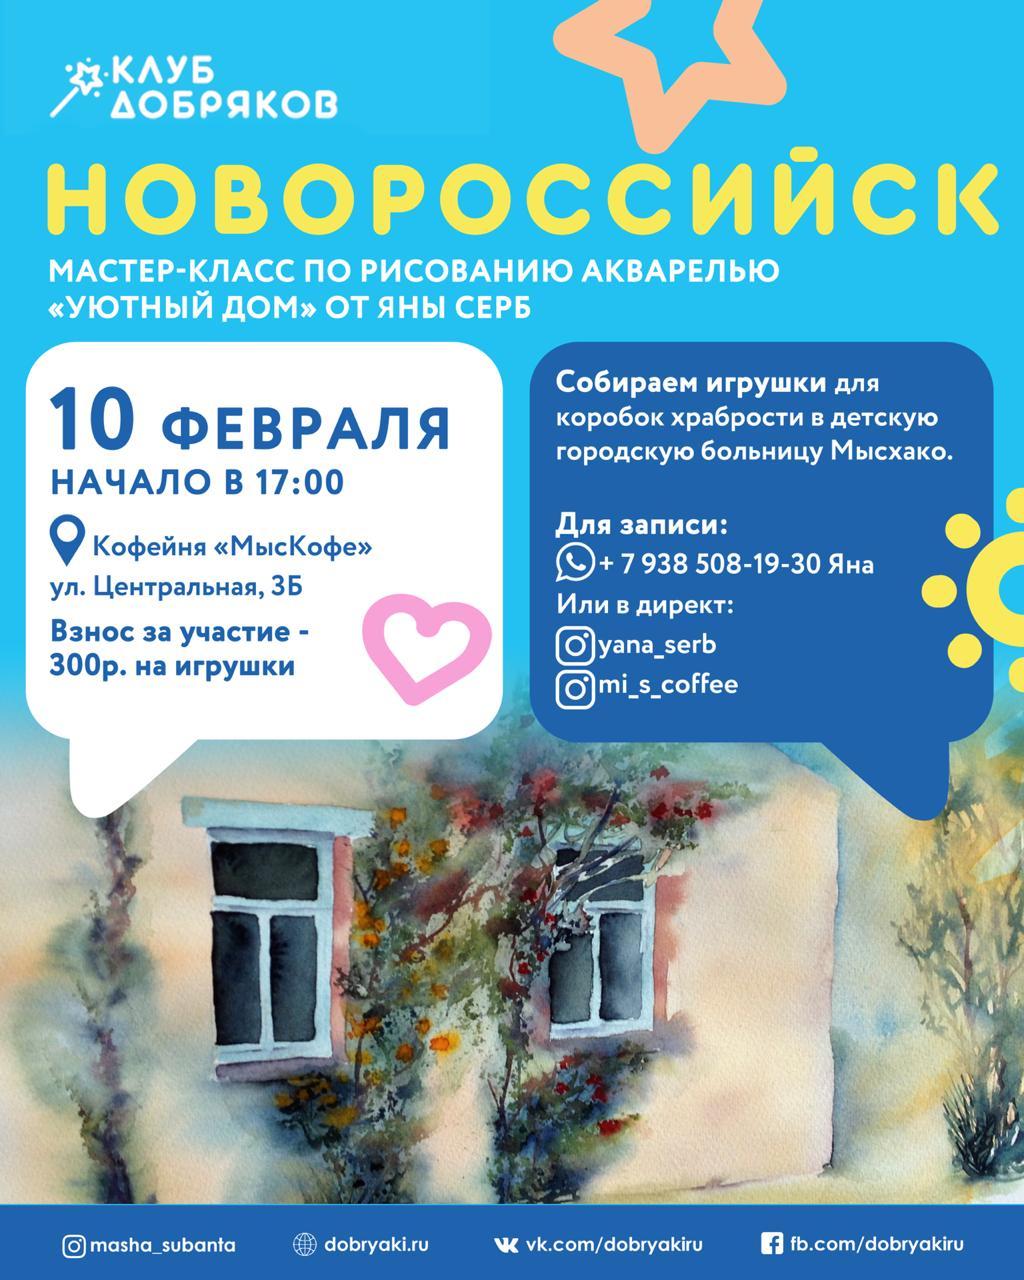 В Новороссийске состоится благотворительный мастер-класс по рисованию